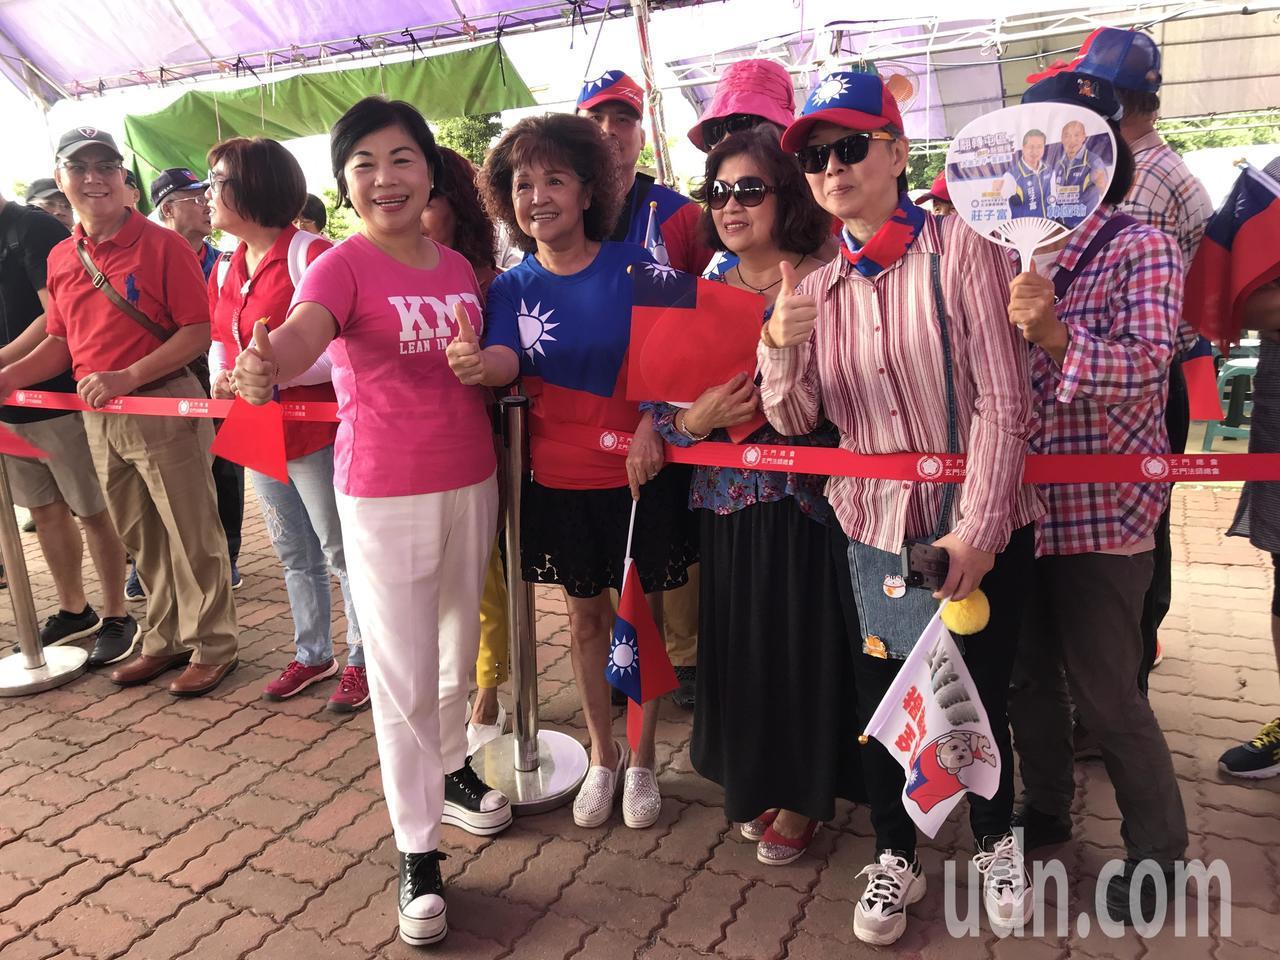 台中市副市長楊瓊瓔先到場與韓粉互動拍照。記者林佩均/攝影